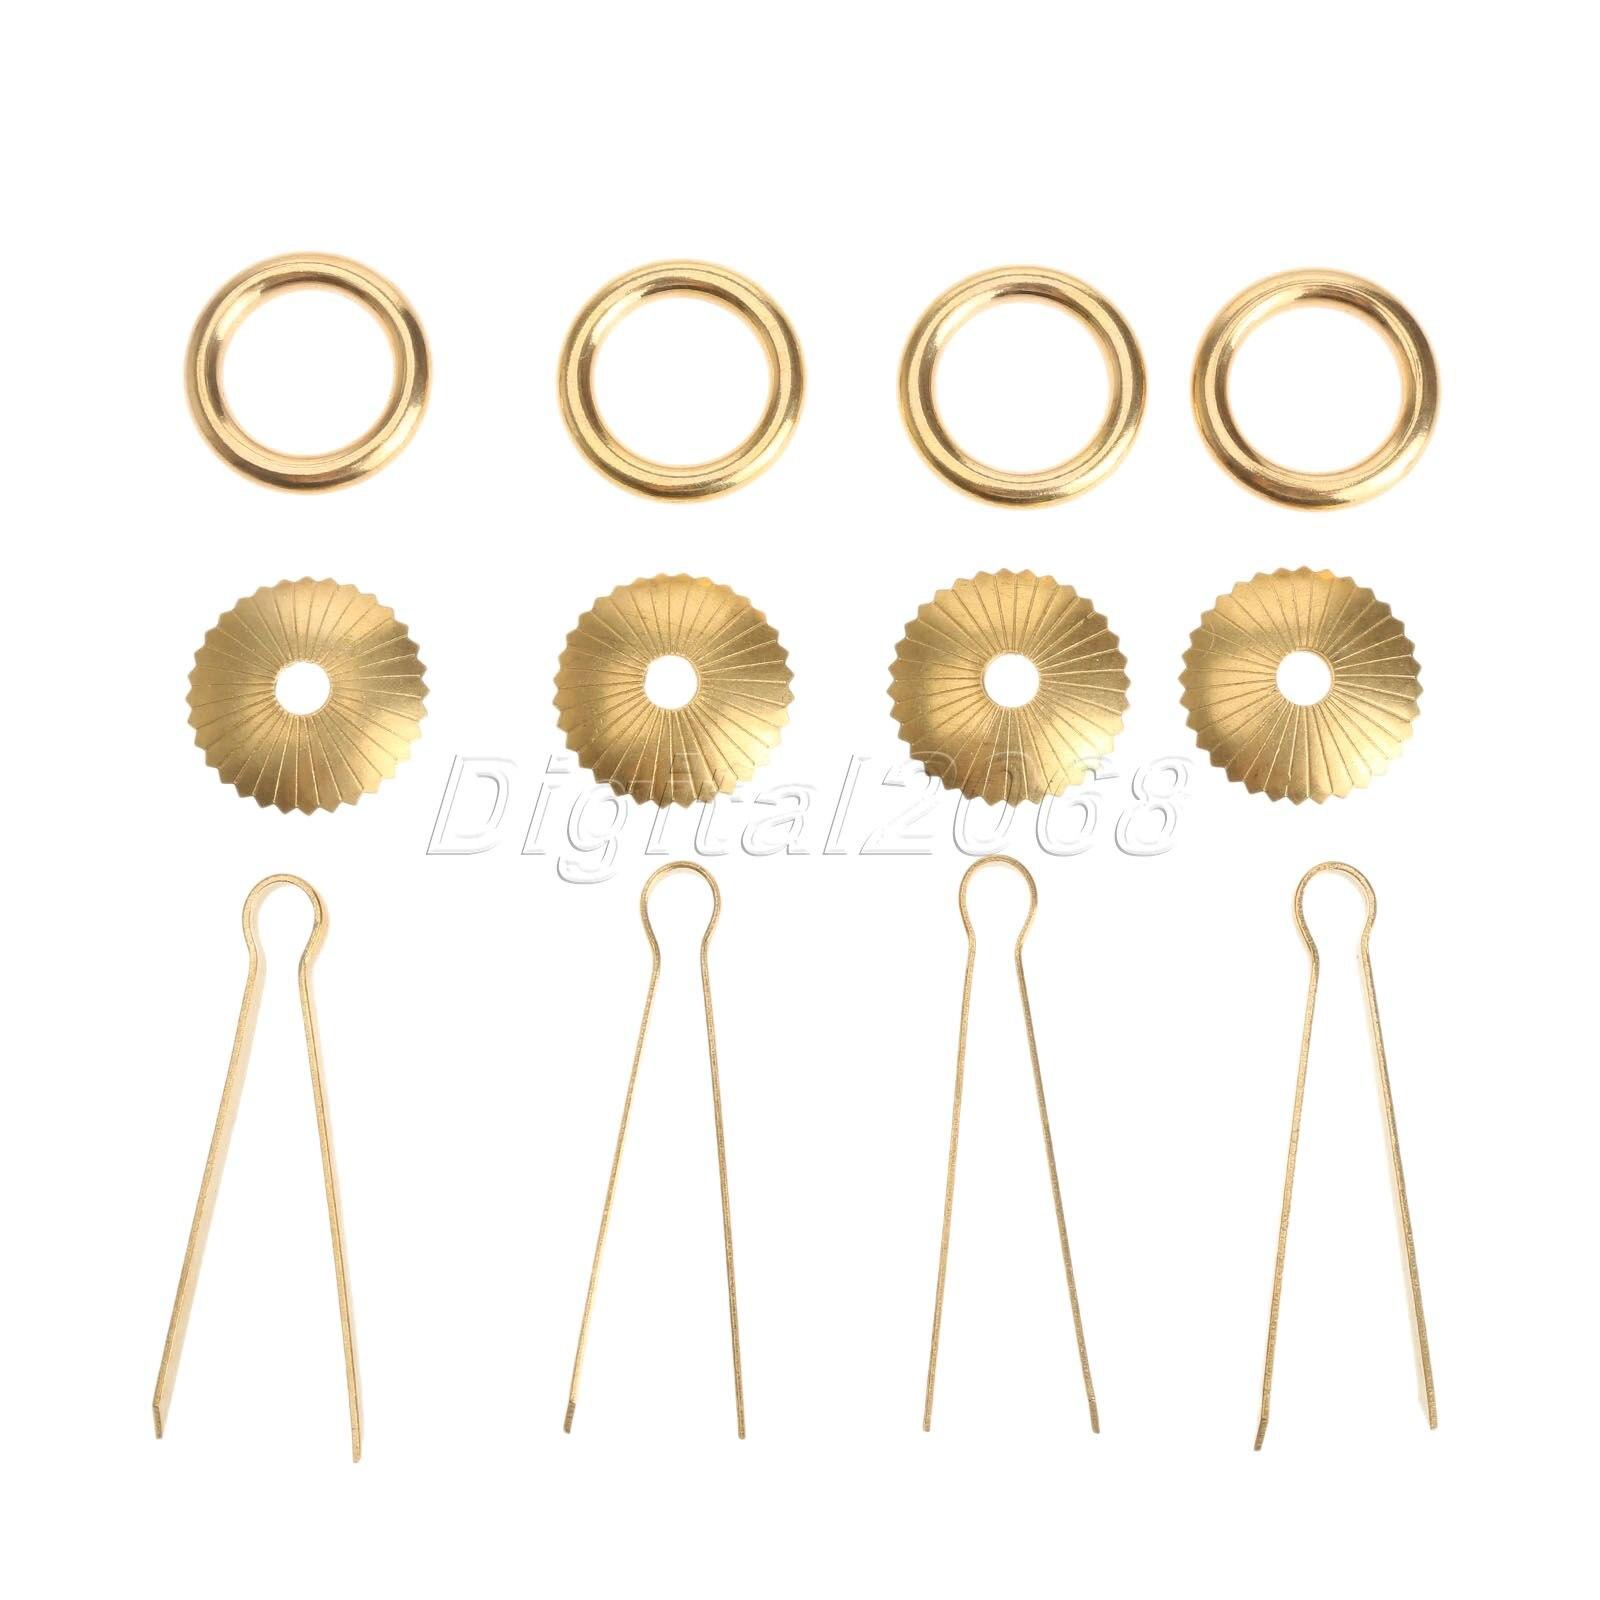 ᐊ2016 de alta calidad 4 100% latón cajón manejar anillo tirar ...